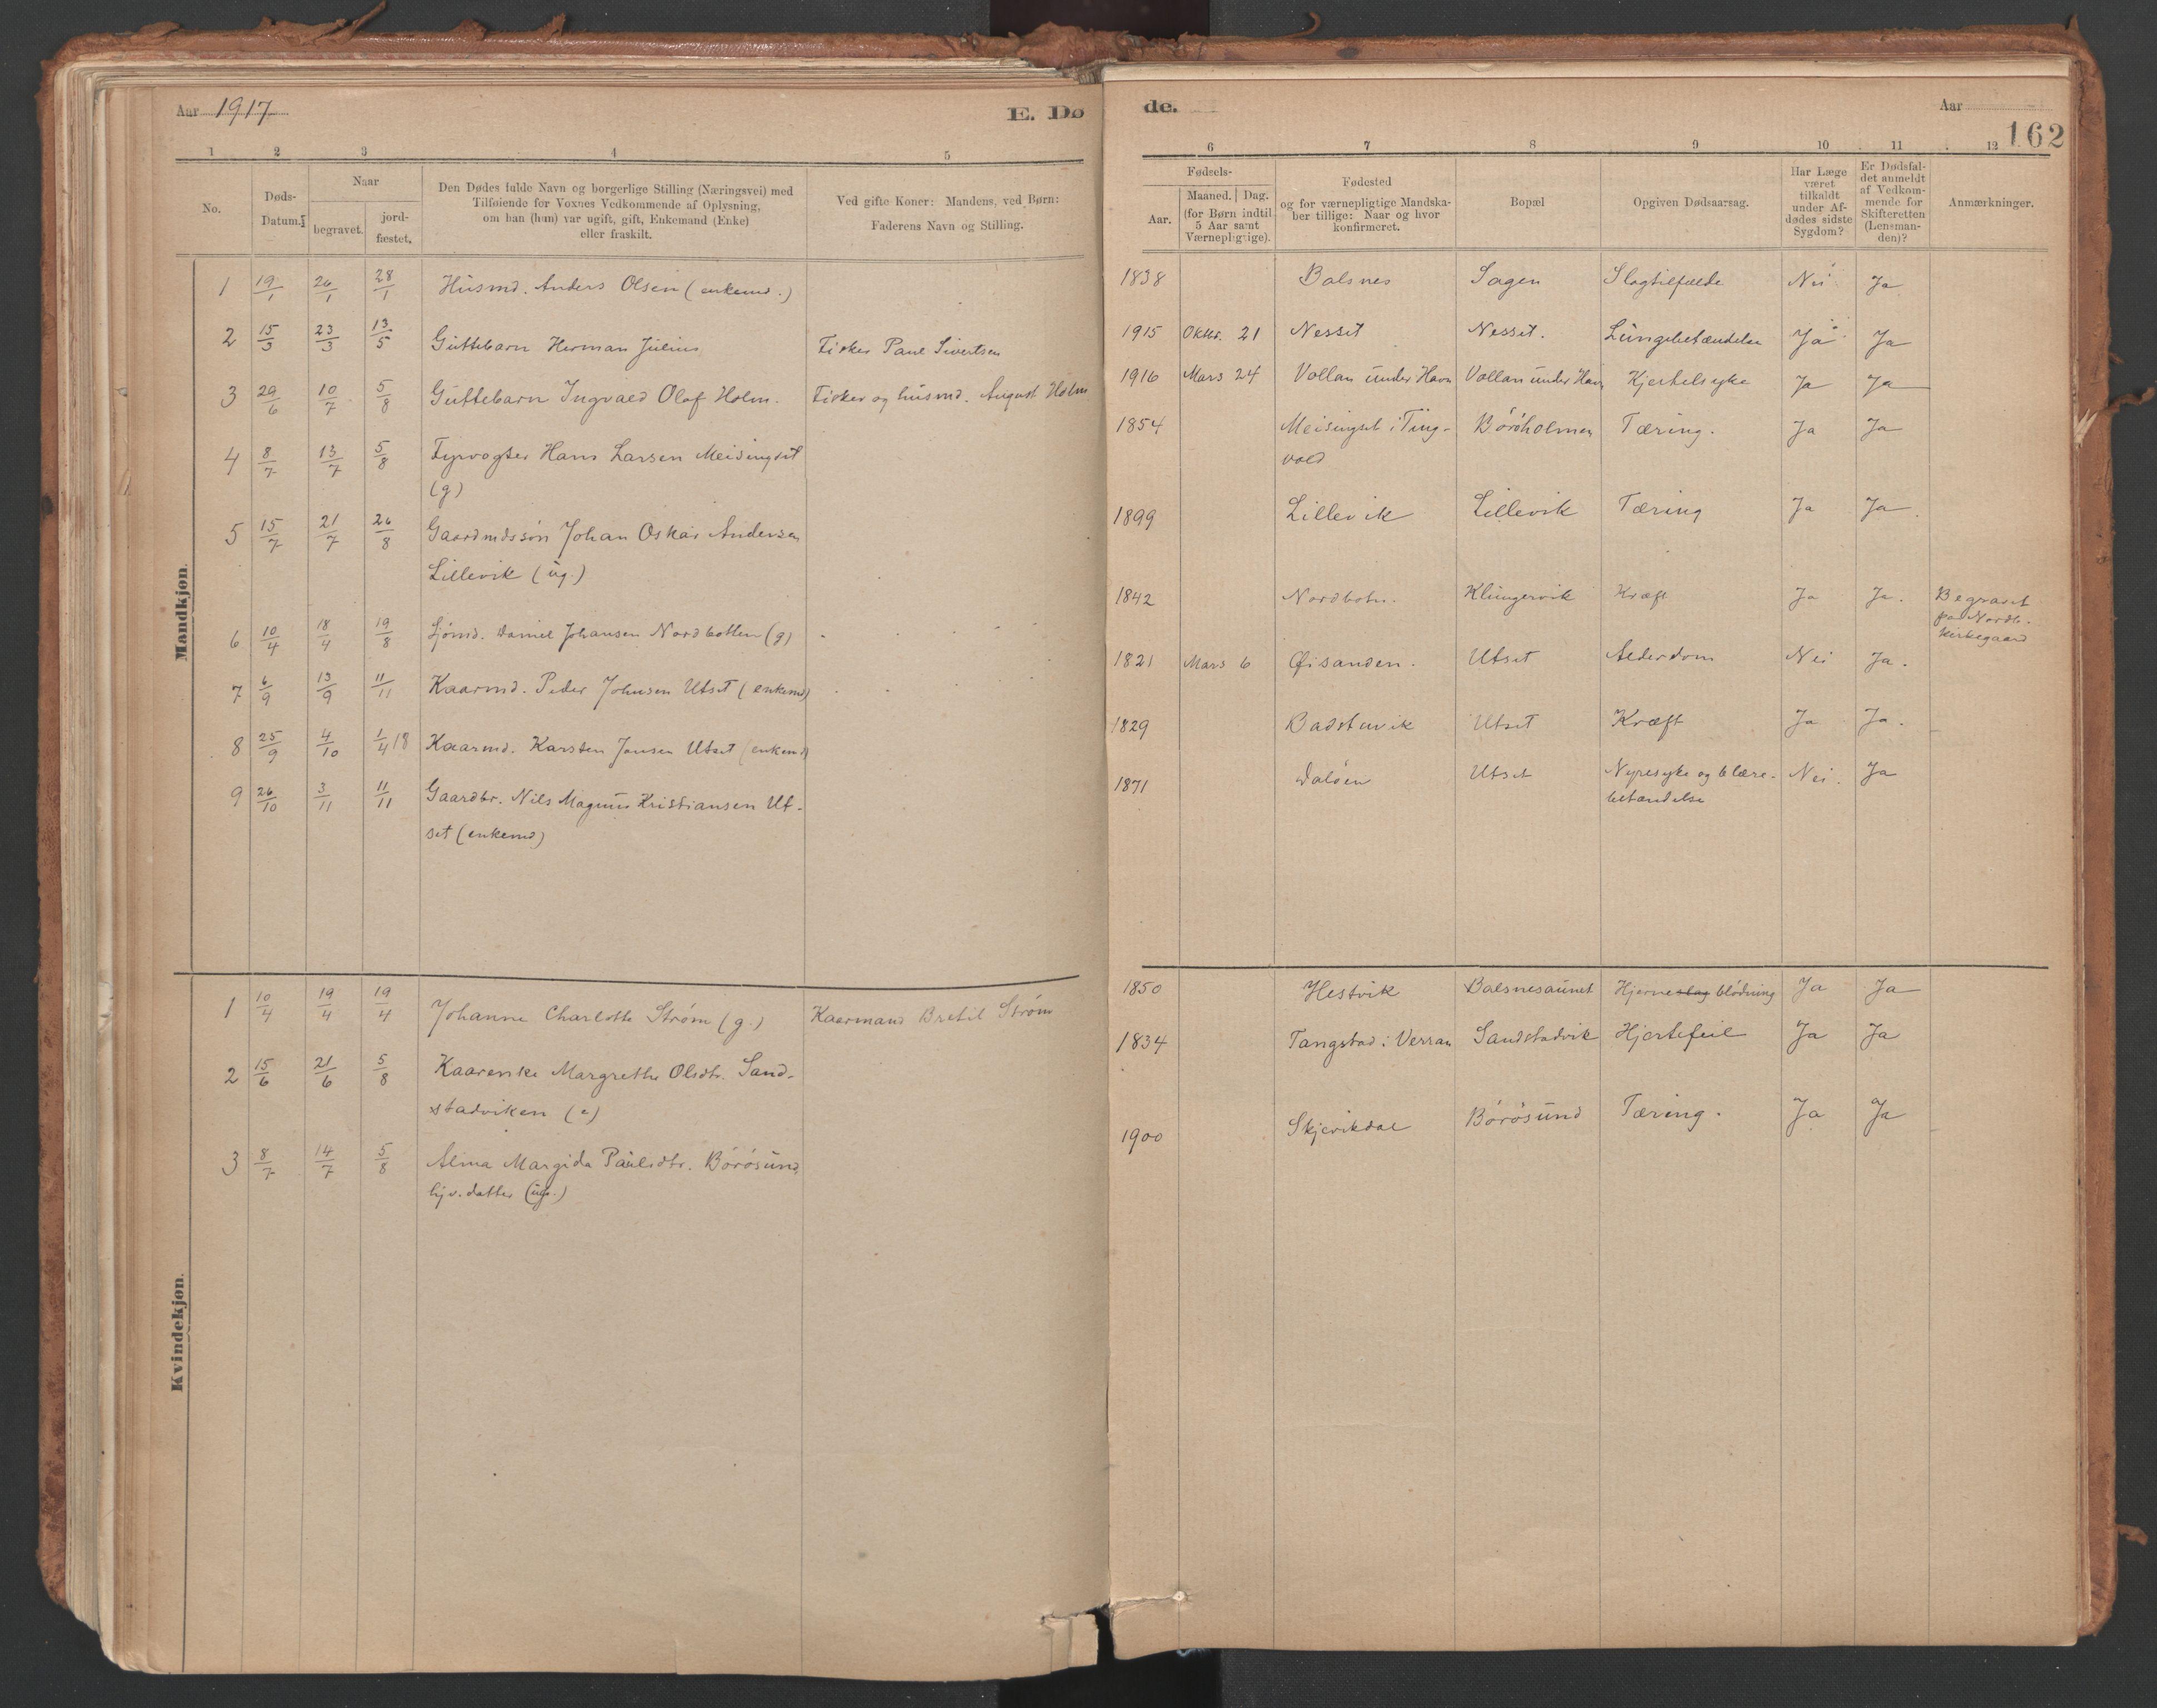 SAT, Ministerialprotokoller, klokkerbøker og fødselsregistre - Sør-Trøndelag, 639/L0572: Ministerialbok nr. 639A01, 1890-1920, s. 162